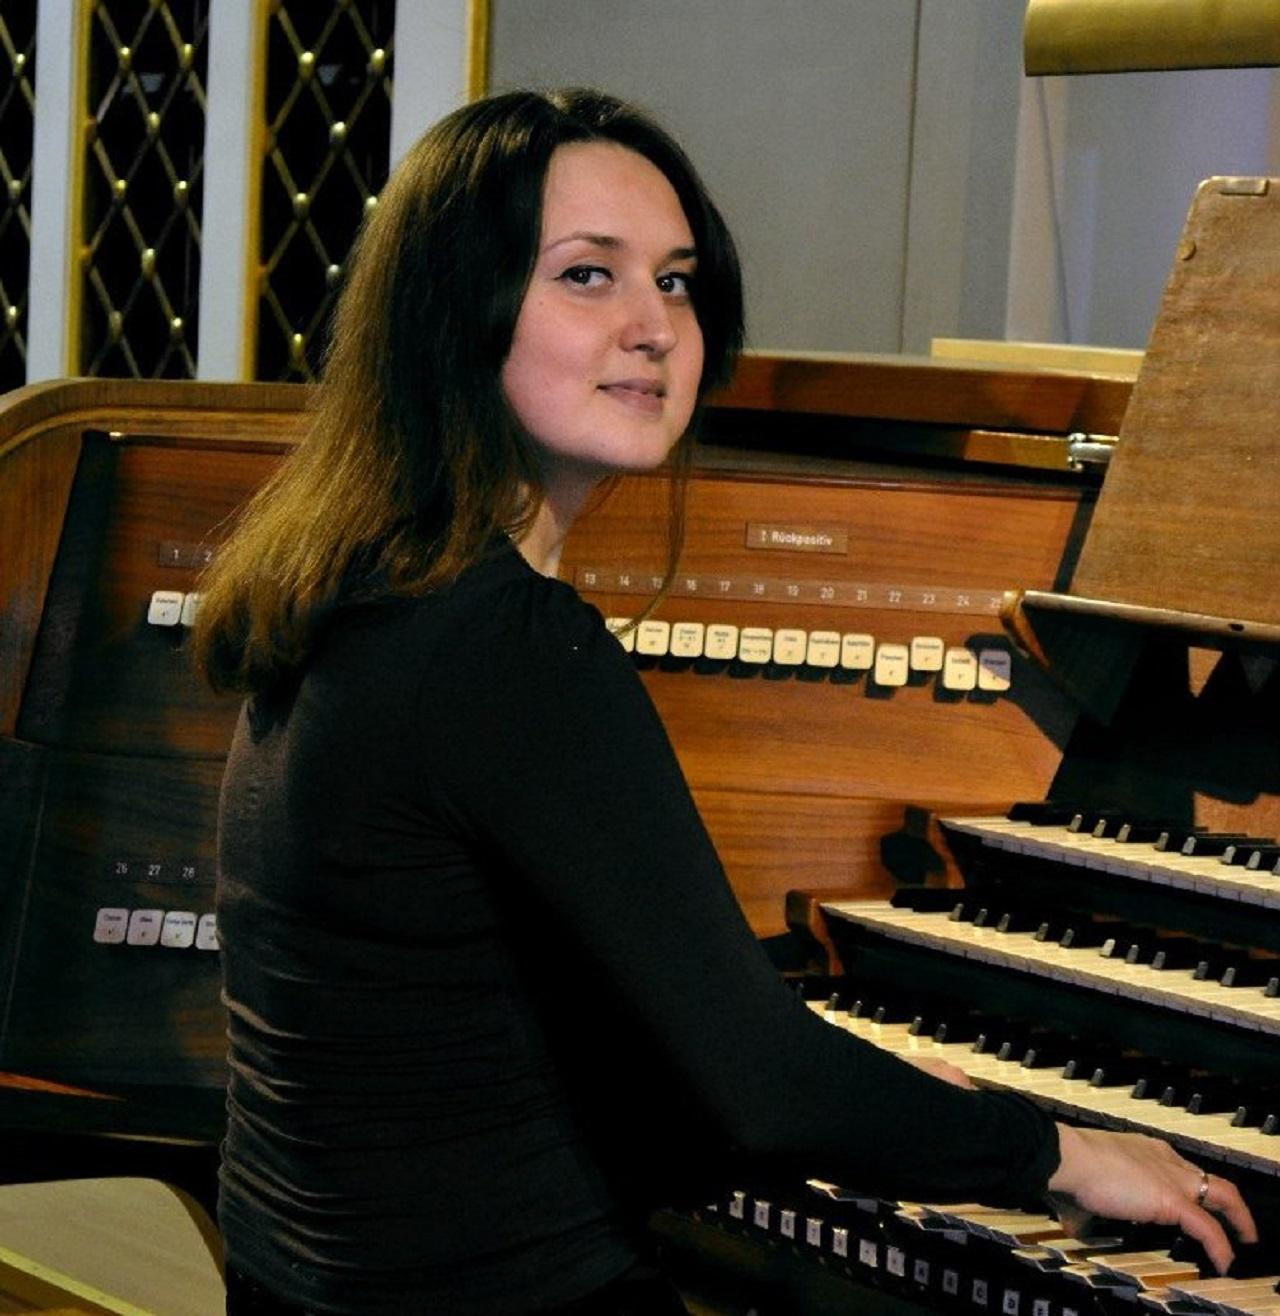 Евгения Сегенюк (меццо-сопрано), Анна Суслова (орган) смотреть фото